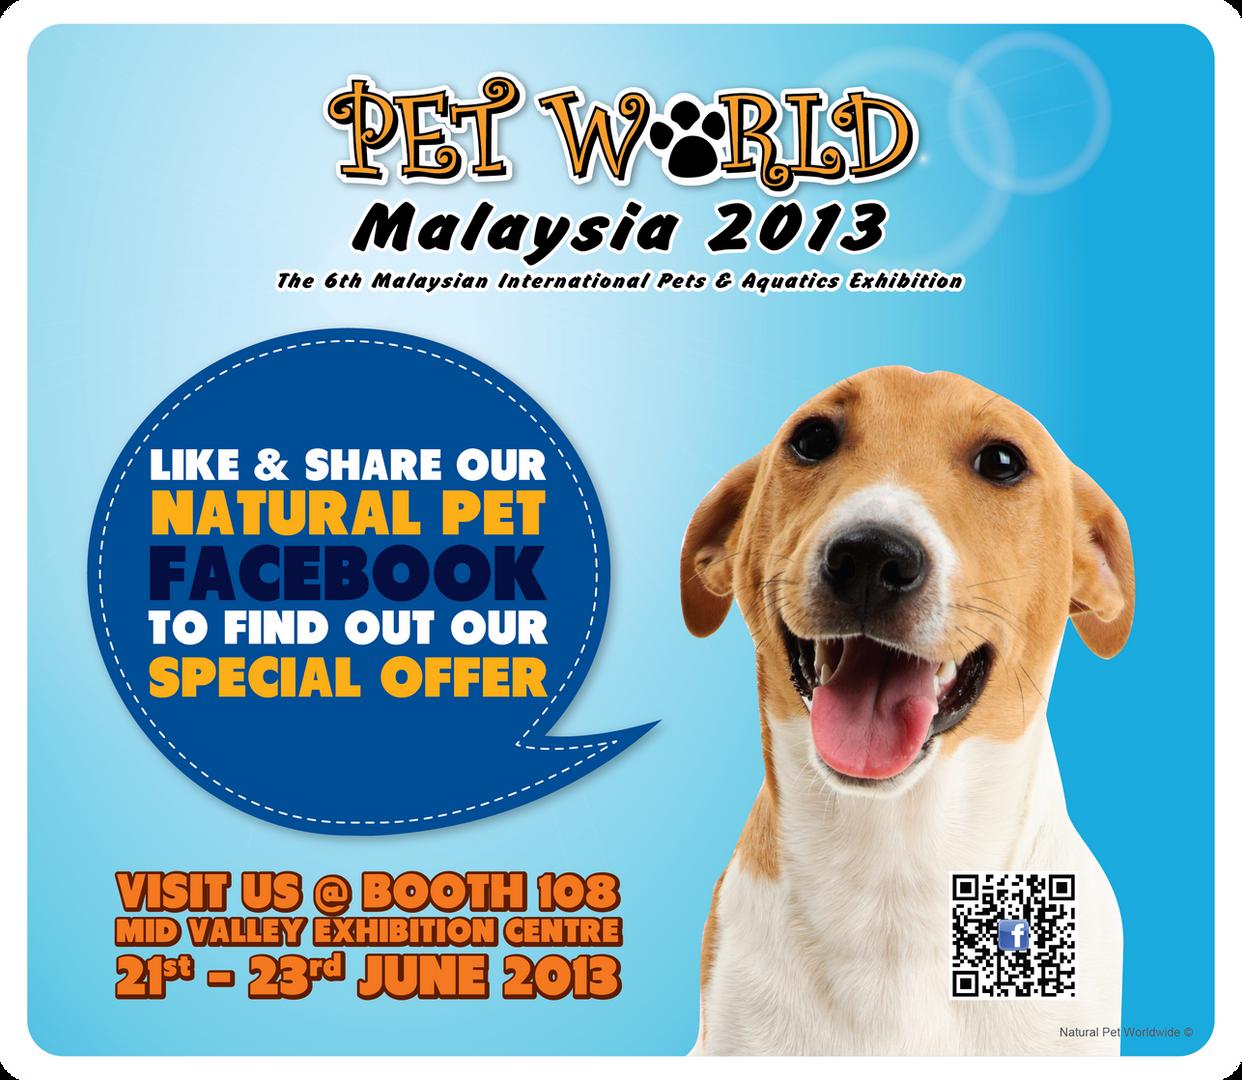 Natural Pet | Pet World Malaysia 2013